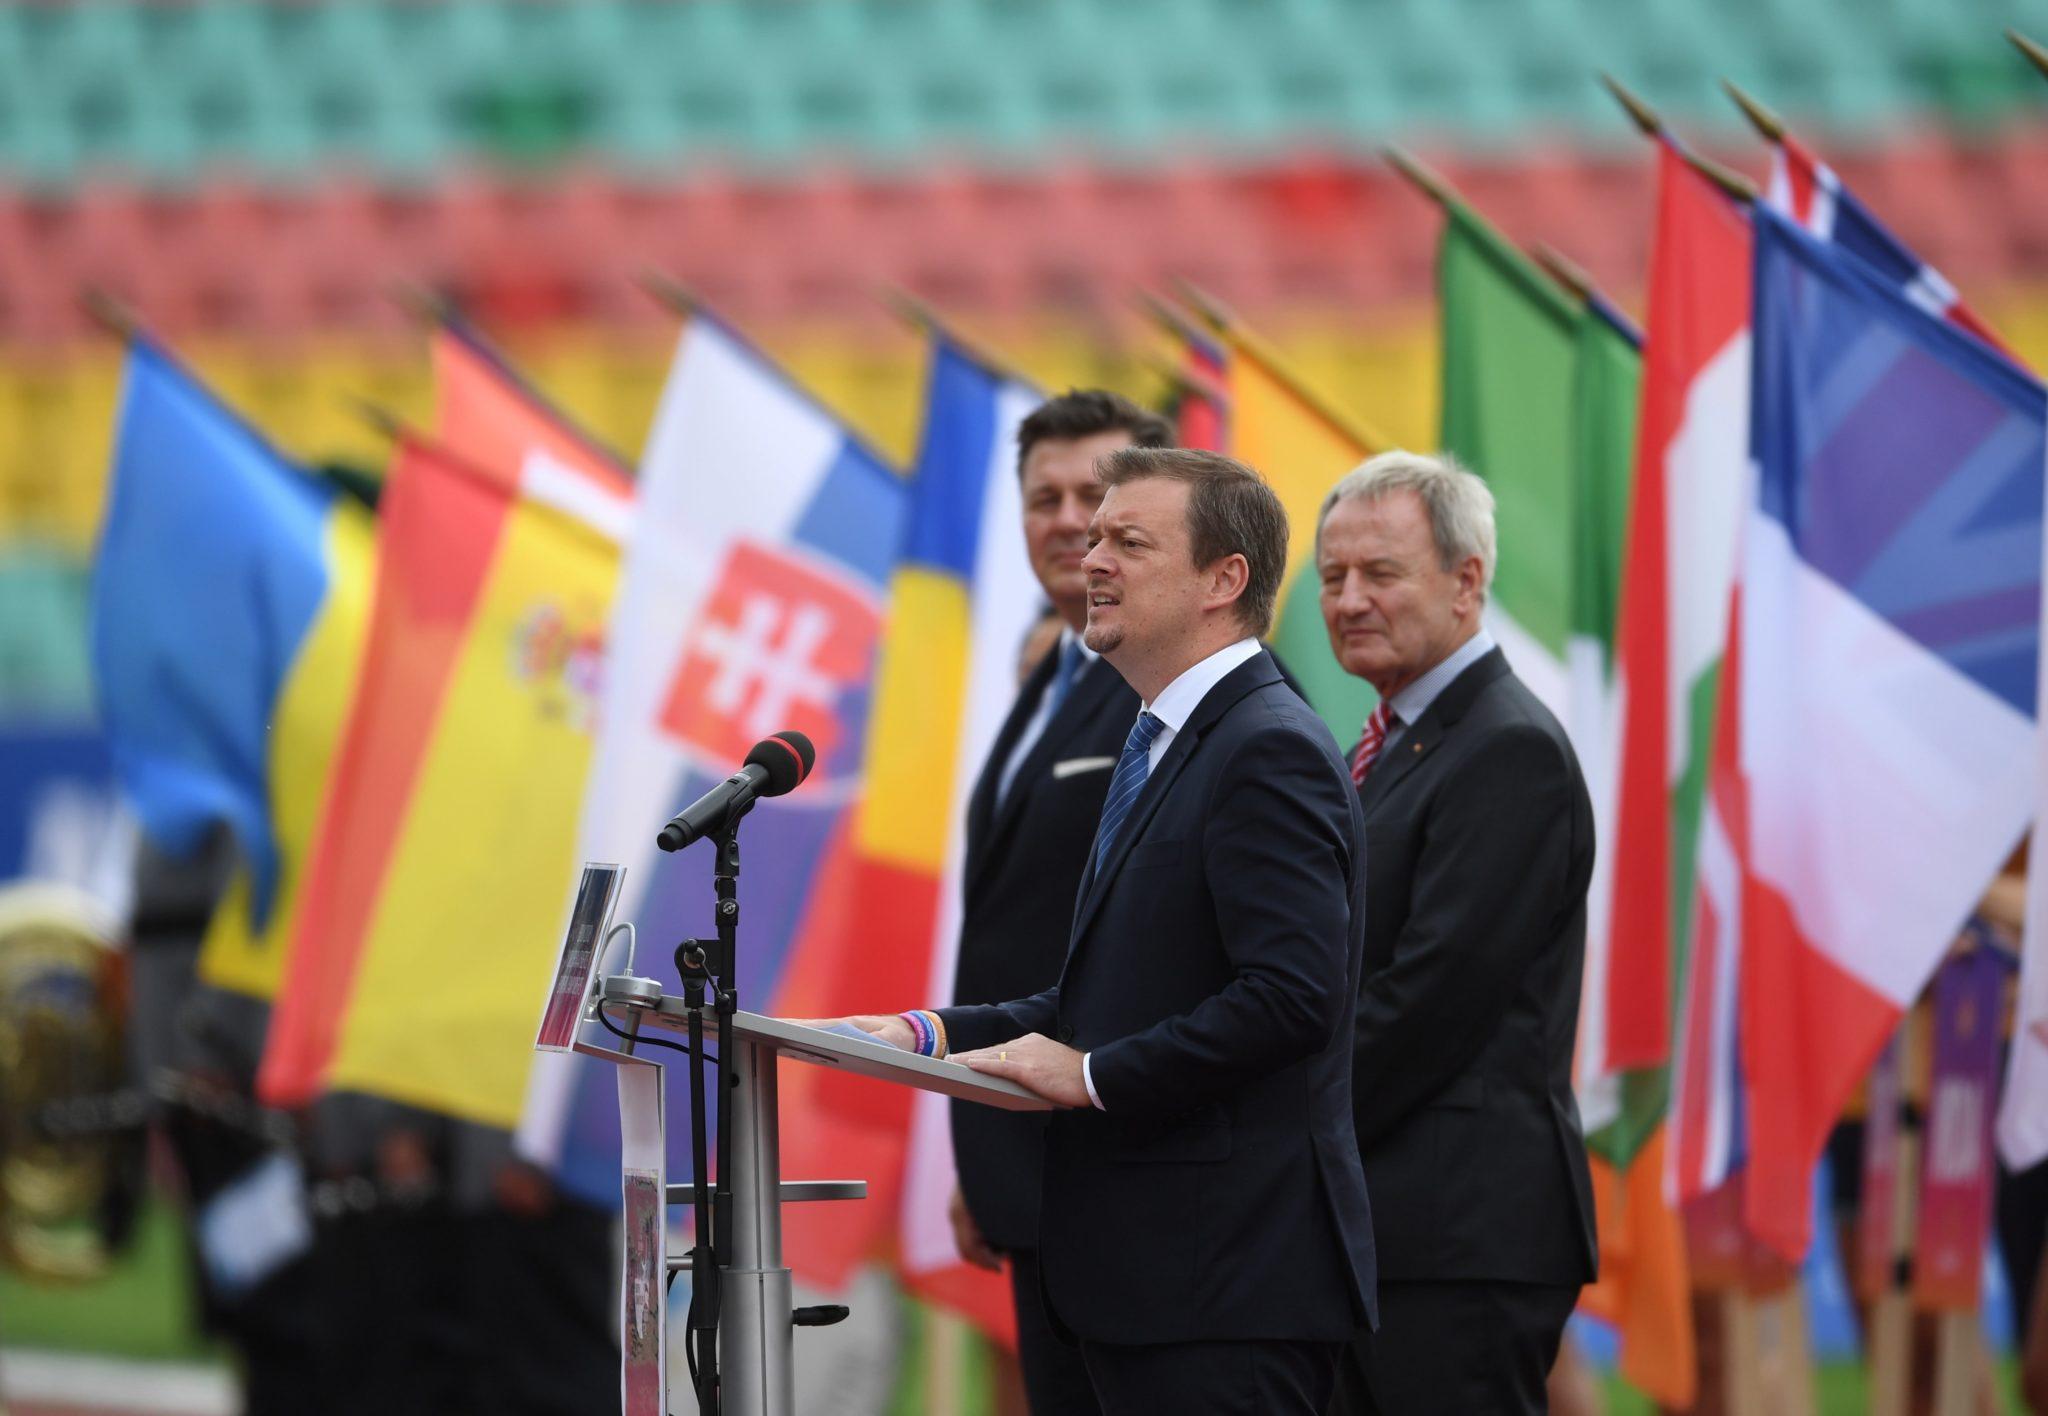 Przewodniczący Międzynarodowego Komitetu Paraolimpijskiego Andrew Parsons podczas ceremonii otwarcia lekkoatletycznych mistrzostw Europy osób z niepełnosprawnością